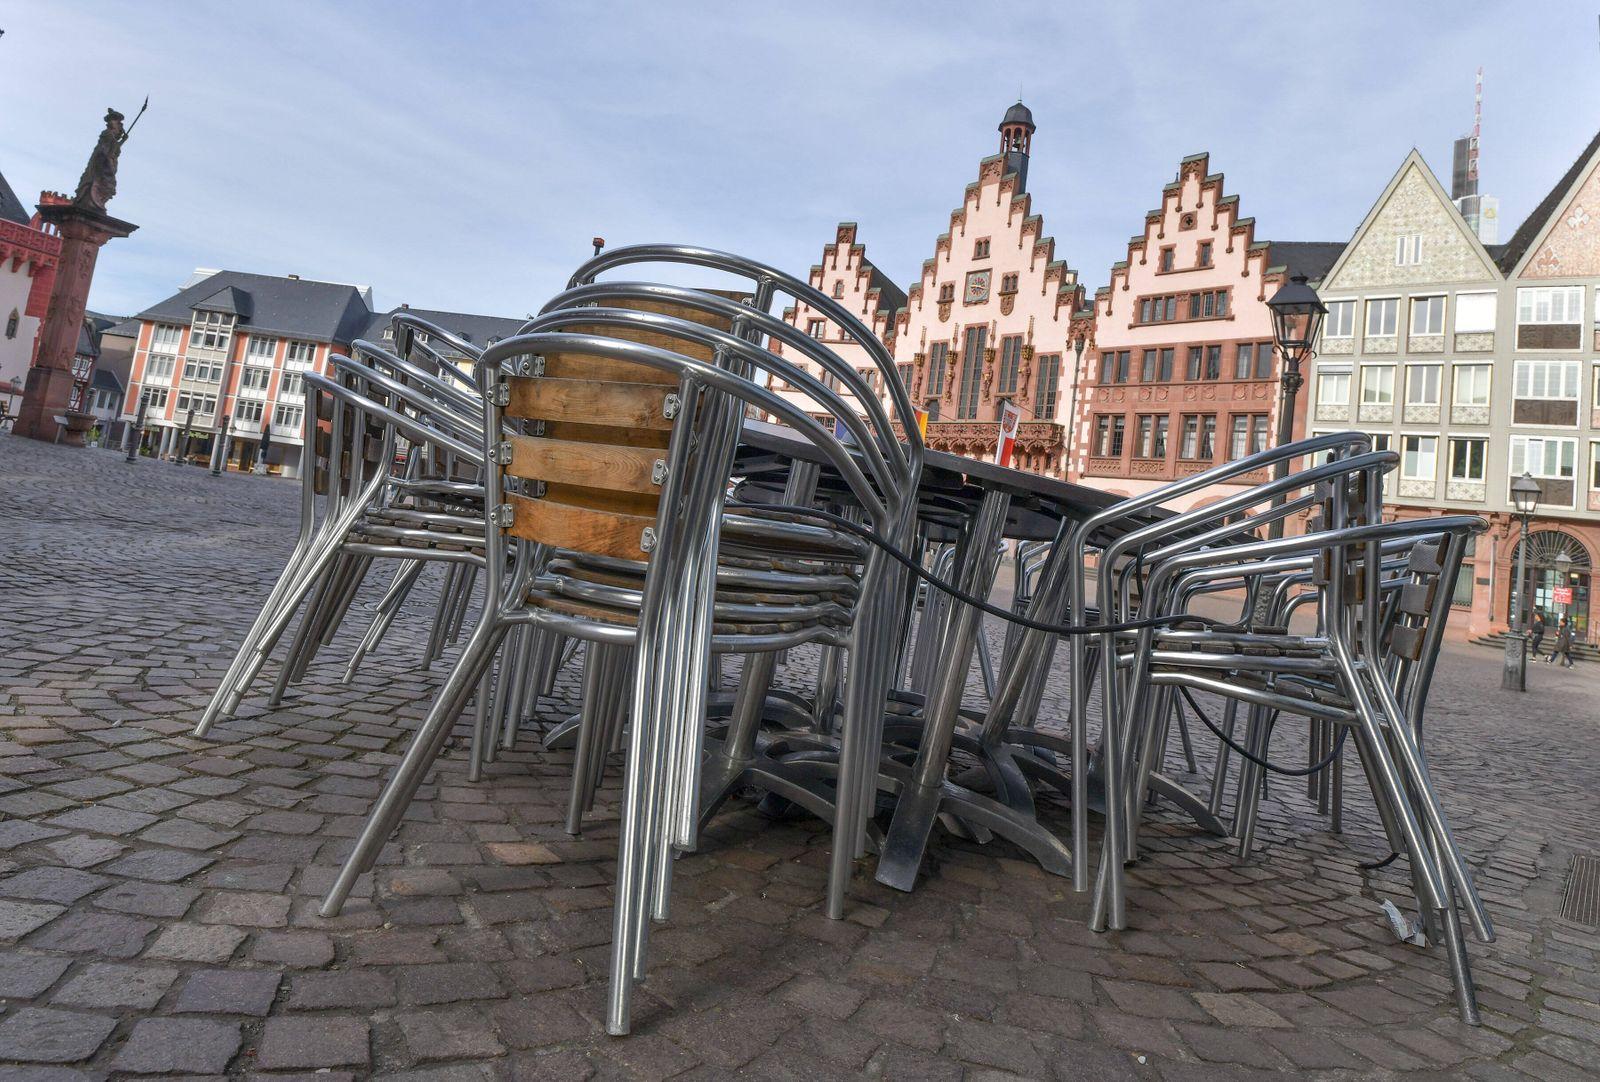 xblx, Römerberg, Cafes und Restaurants haben alle Tische und Stühle weggeräumt bzw unbrauchbar gemacht, emwirt Frankfur